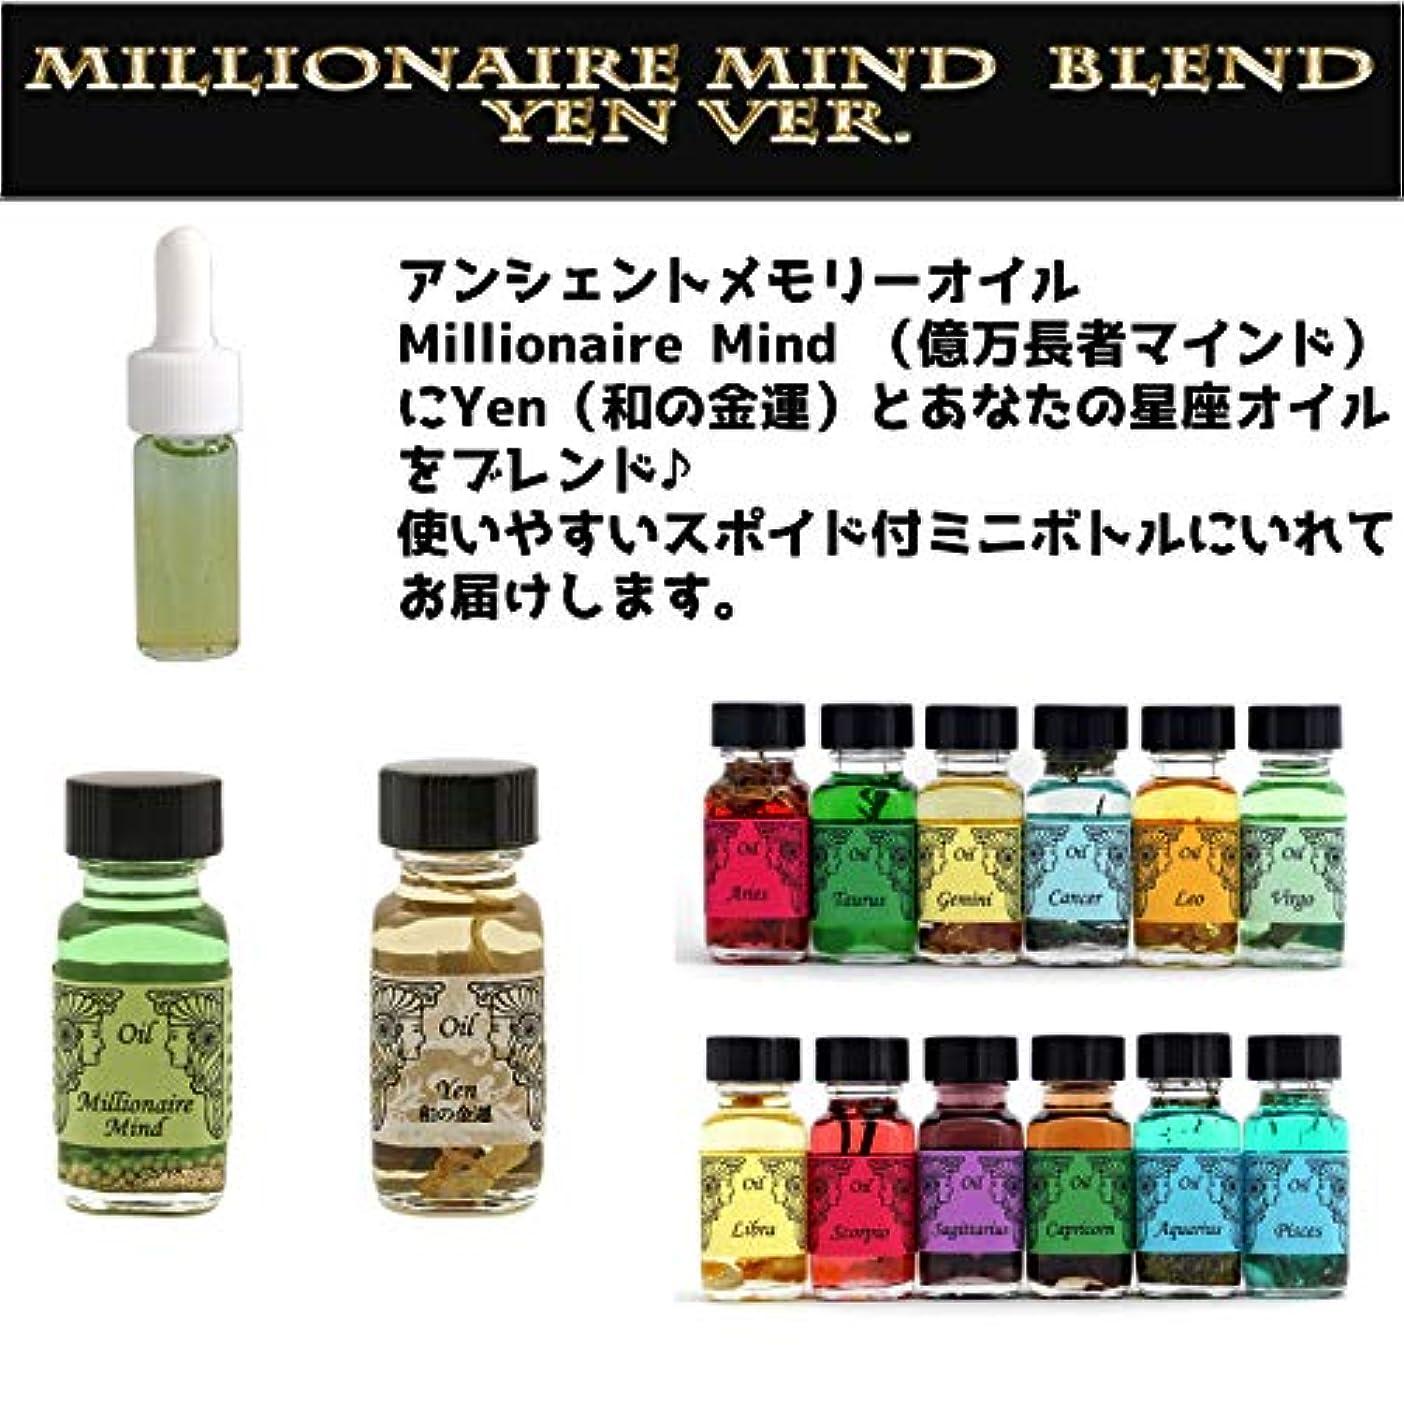 突然のぞき穴潜在的なアンシェントメモリーオイル Millionaire Mind 億万長者マインド ブレンド【Yen 和の金運&かに座】